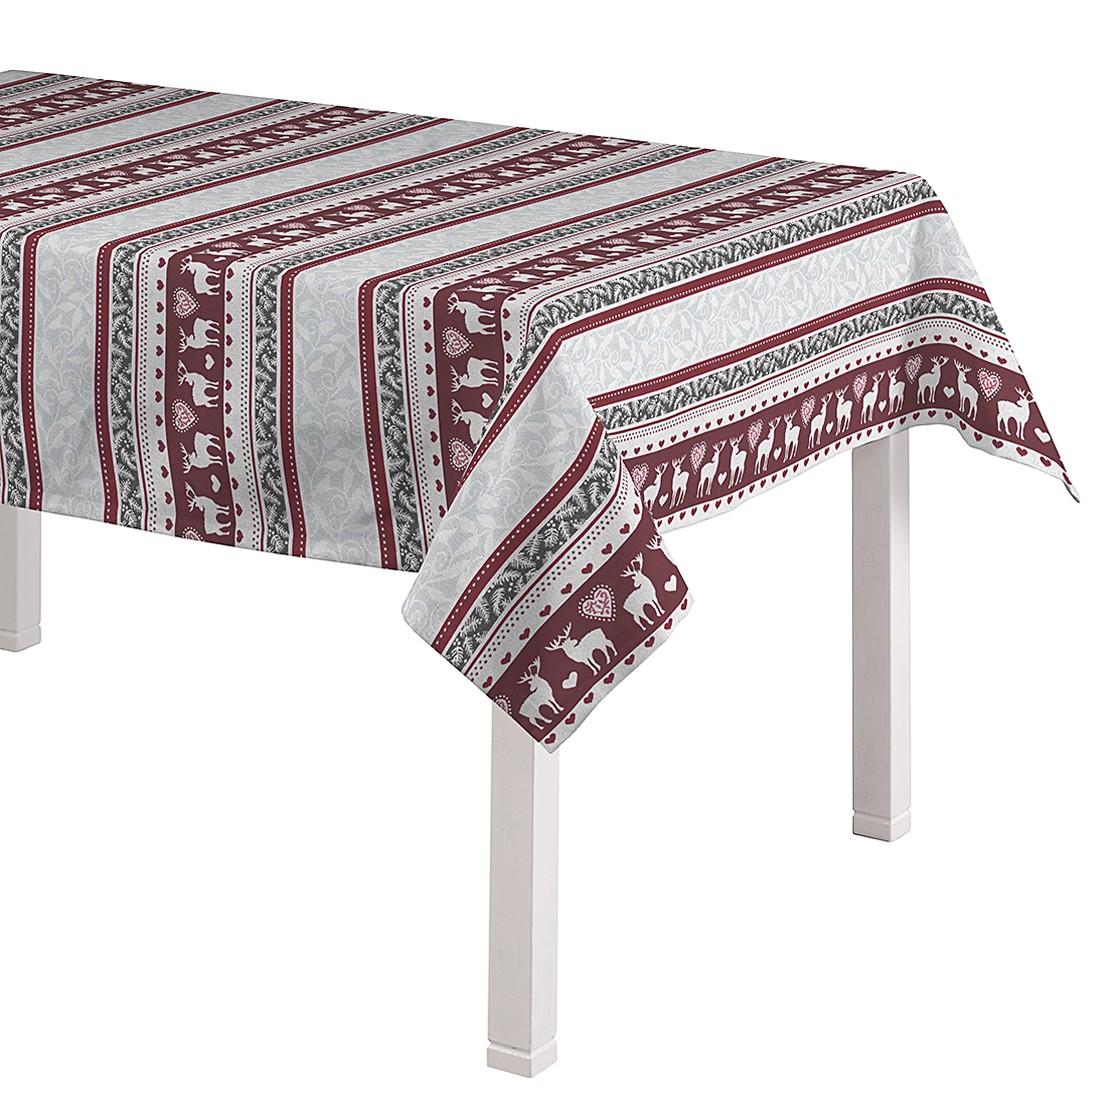 Tischdecke Rentiere – Grau / Rot – 130 x 160 cm, Dekoria günstig bestellen